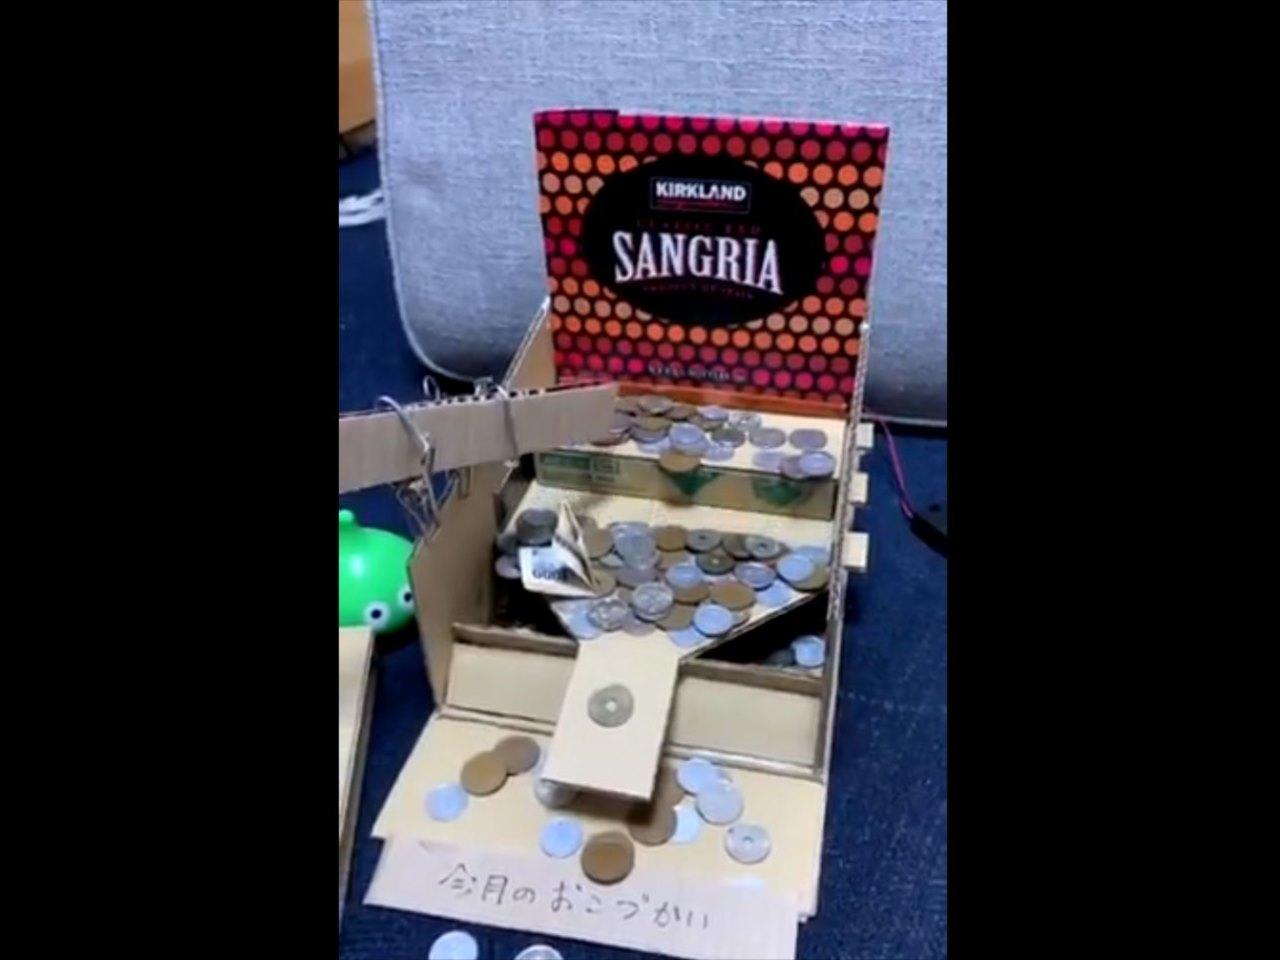 猛烈にメダルゲームをやりたくなる(笑) 段ボールで作った貯金箱のクオリティが凄い!